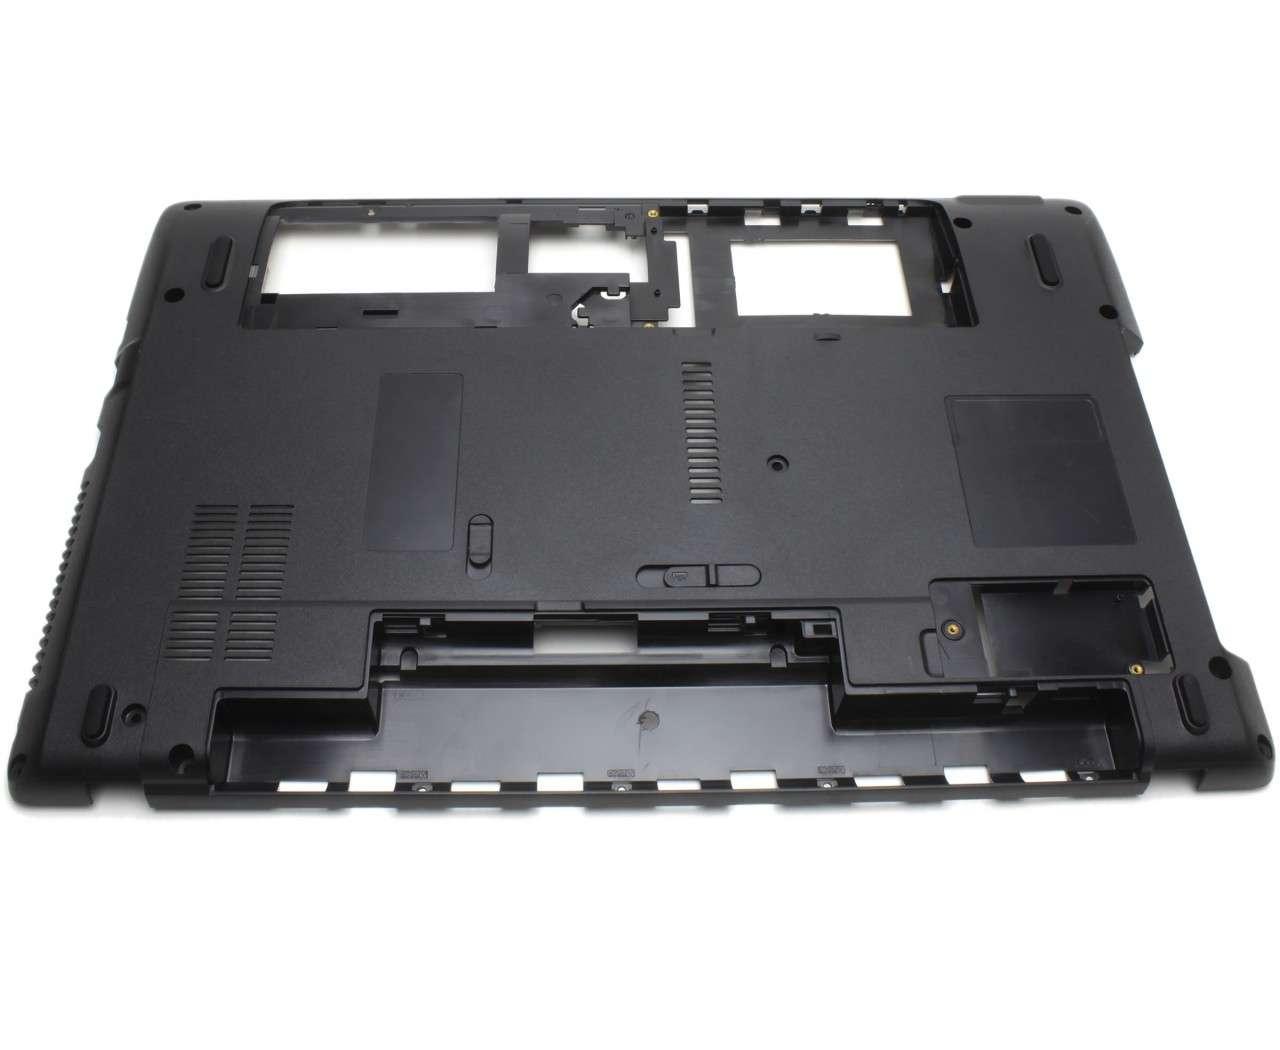 Bottom Case eMachines E642 Carcasa Inferioara cu codul AP0FO0007000 imagine powerlaptop.ro 2021